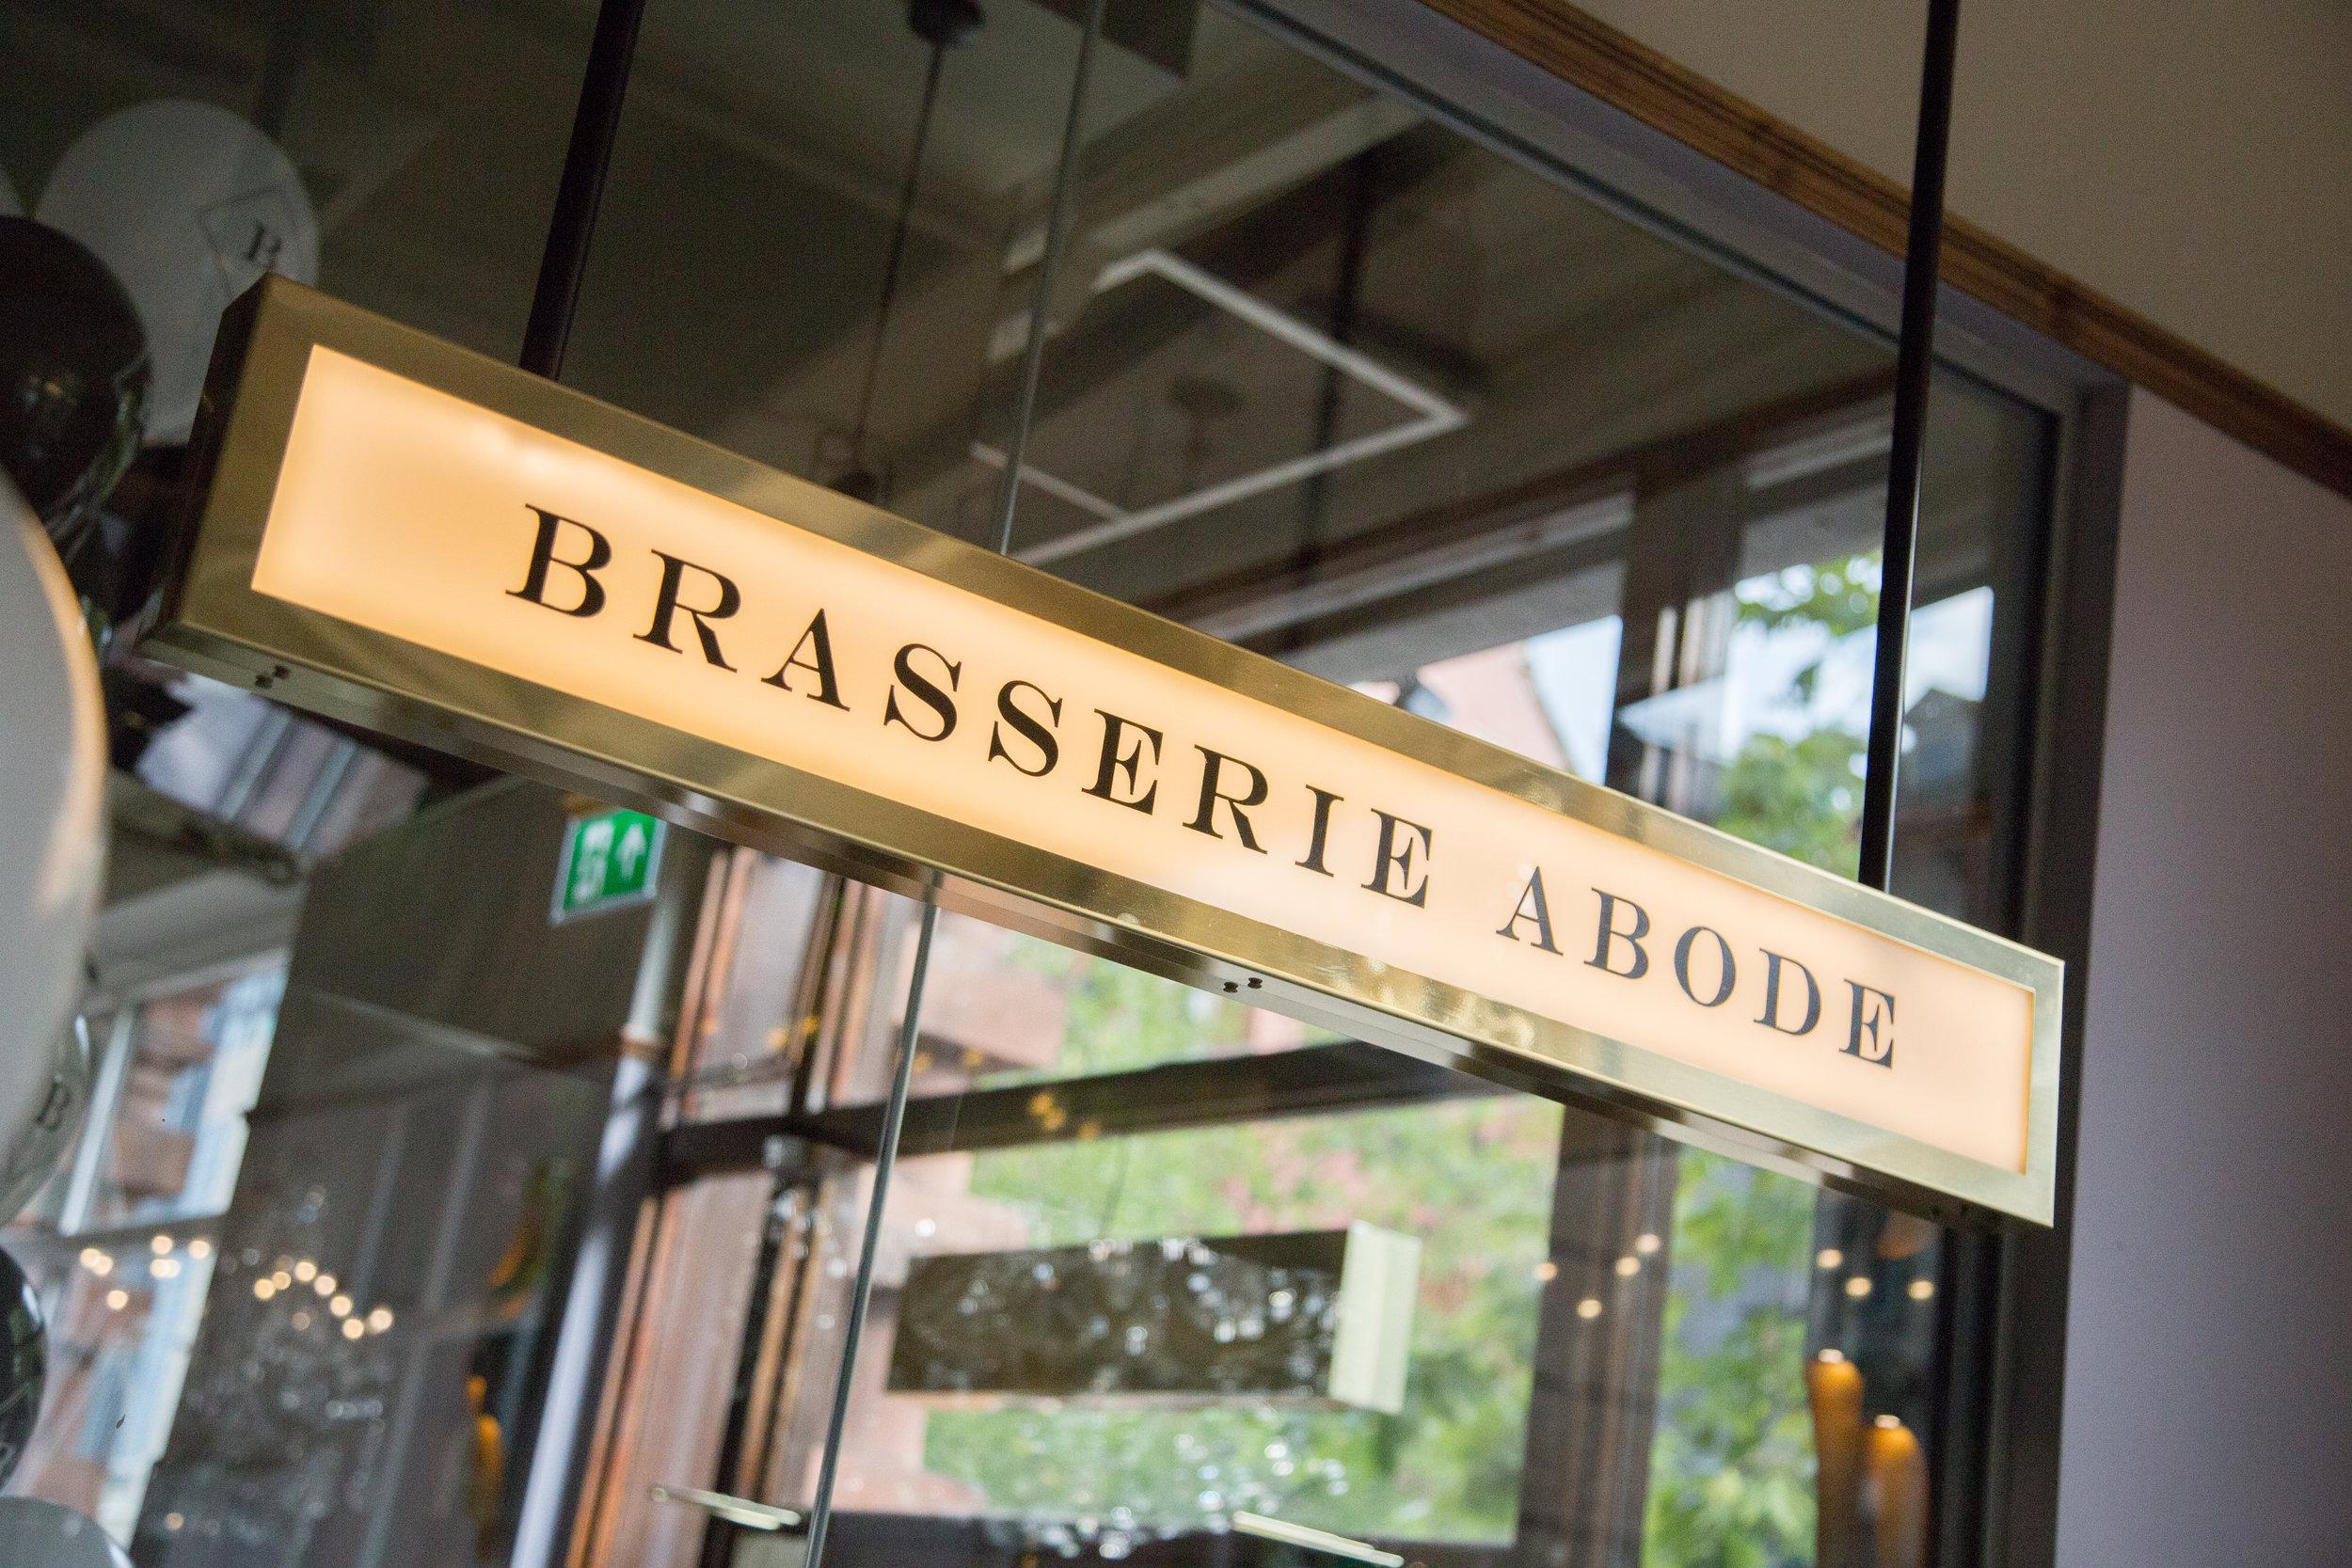 Brasserie Abode - Drink, Dine & Dance